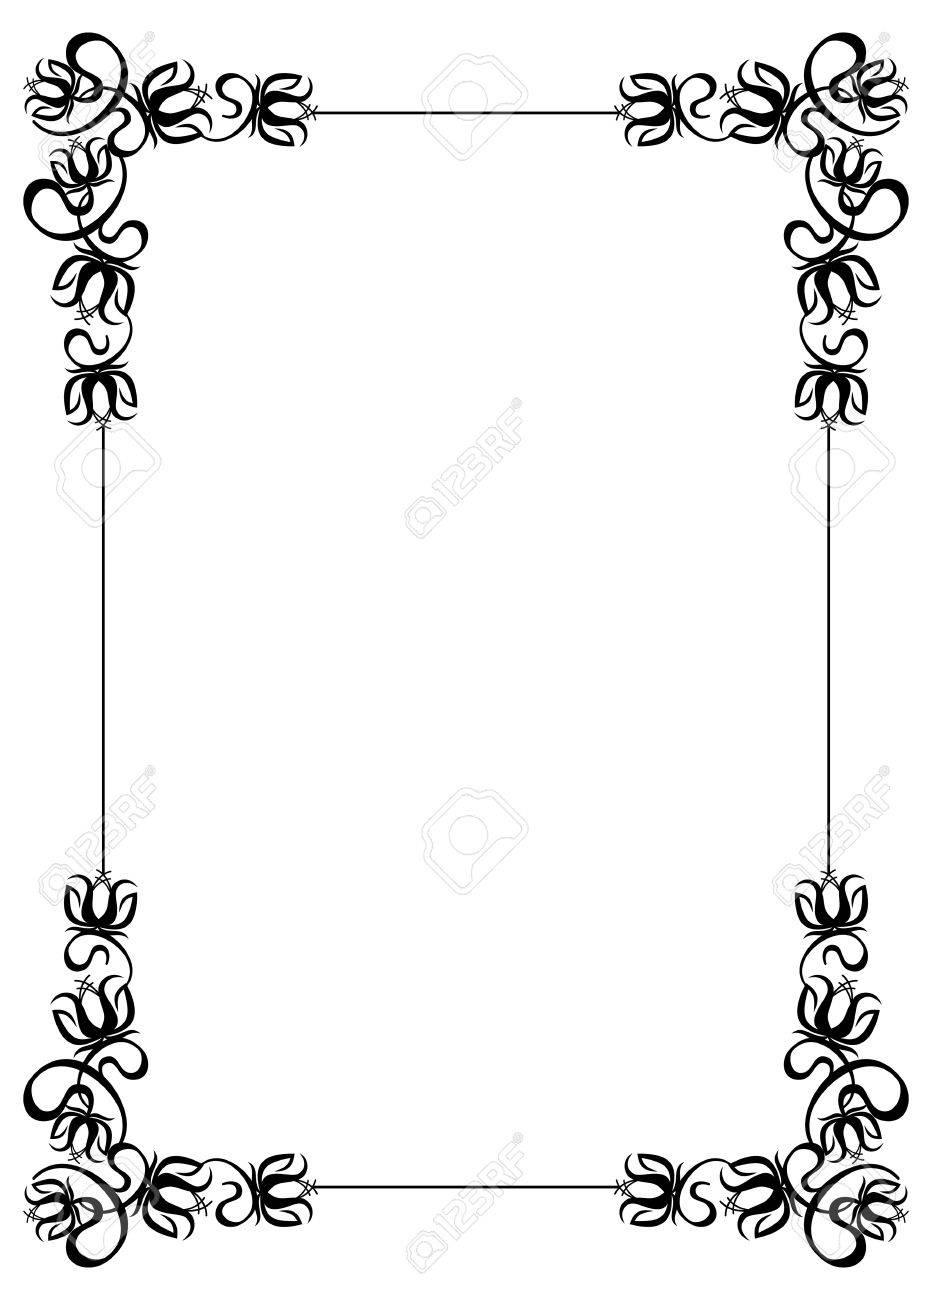 Schwarz Weiß Rahmen Mit Blumen Silhouetten Vector Clip Art